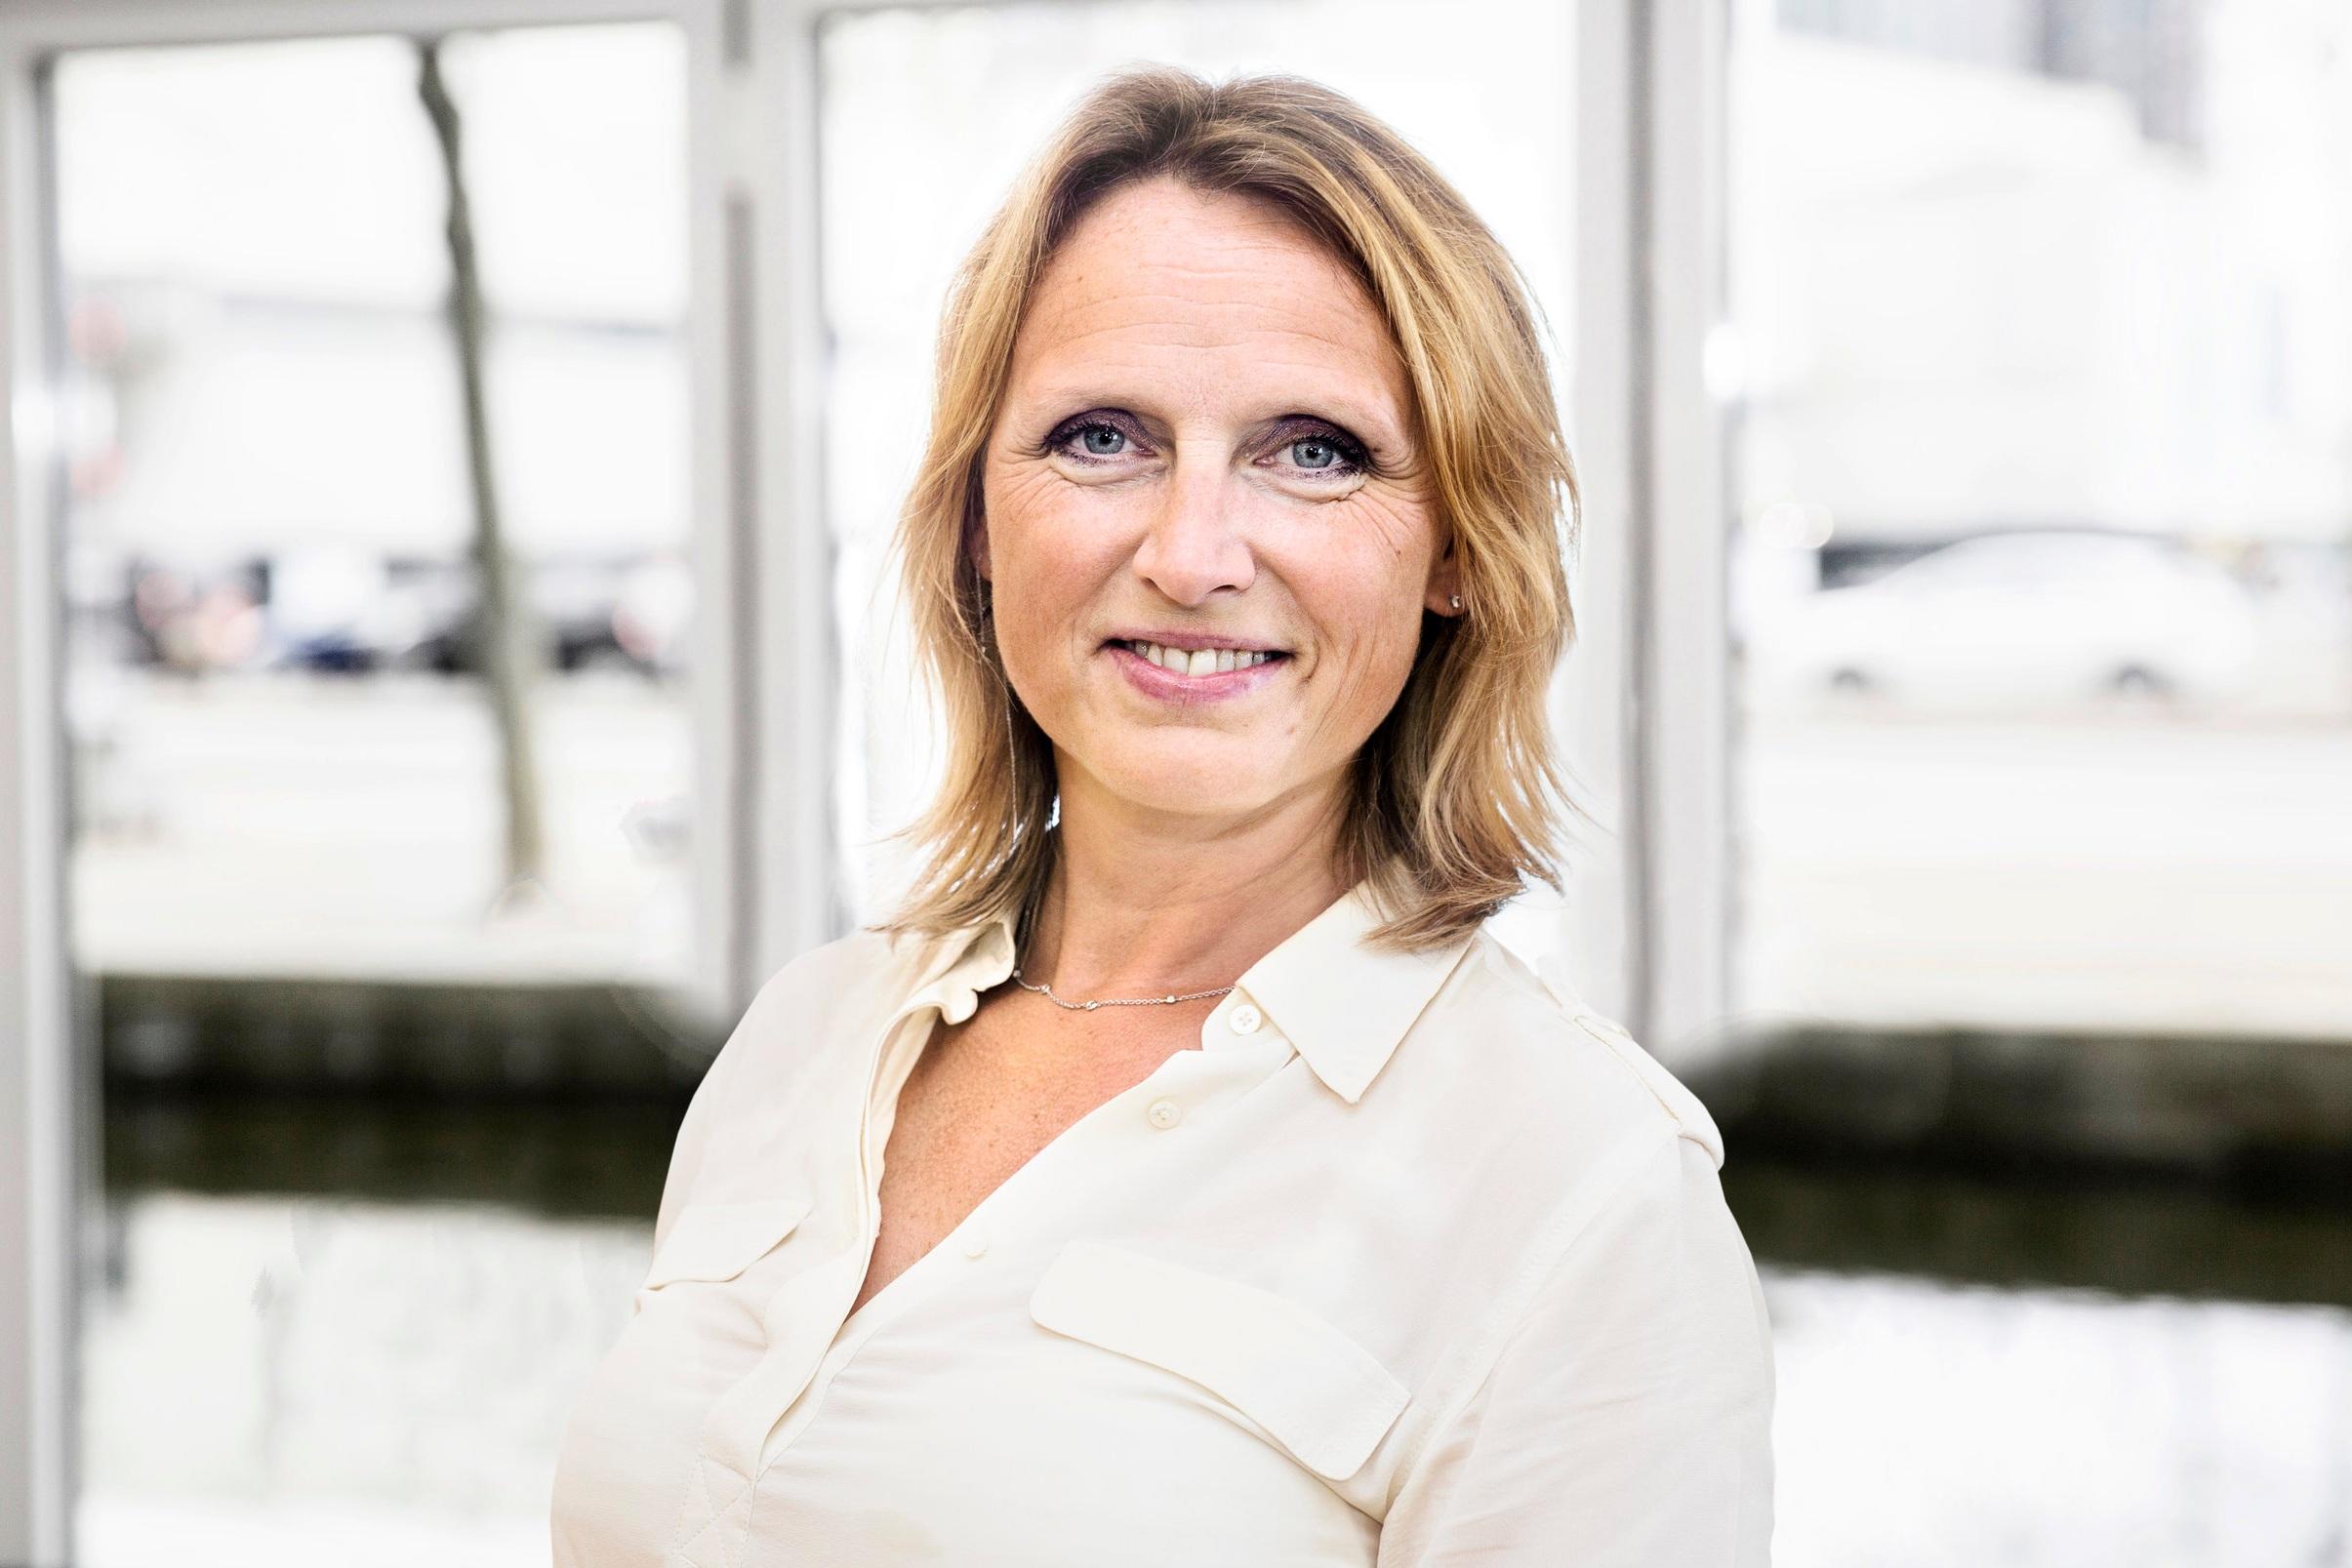 Navn:  Anne Skovbro   Titel:  Adm. Direktør for Udviklingsselskabet By & Havn